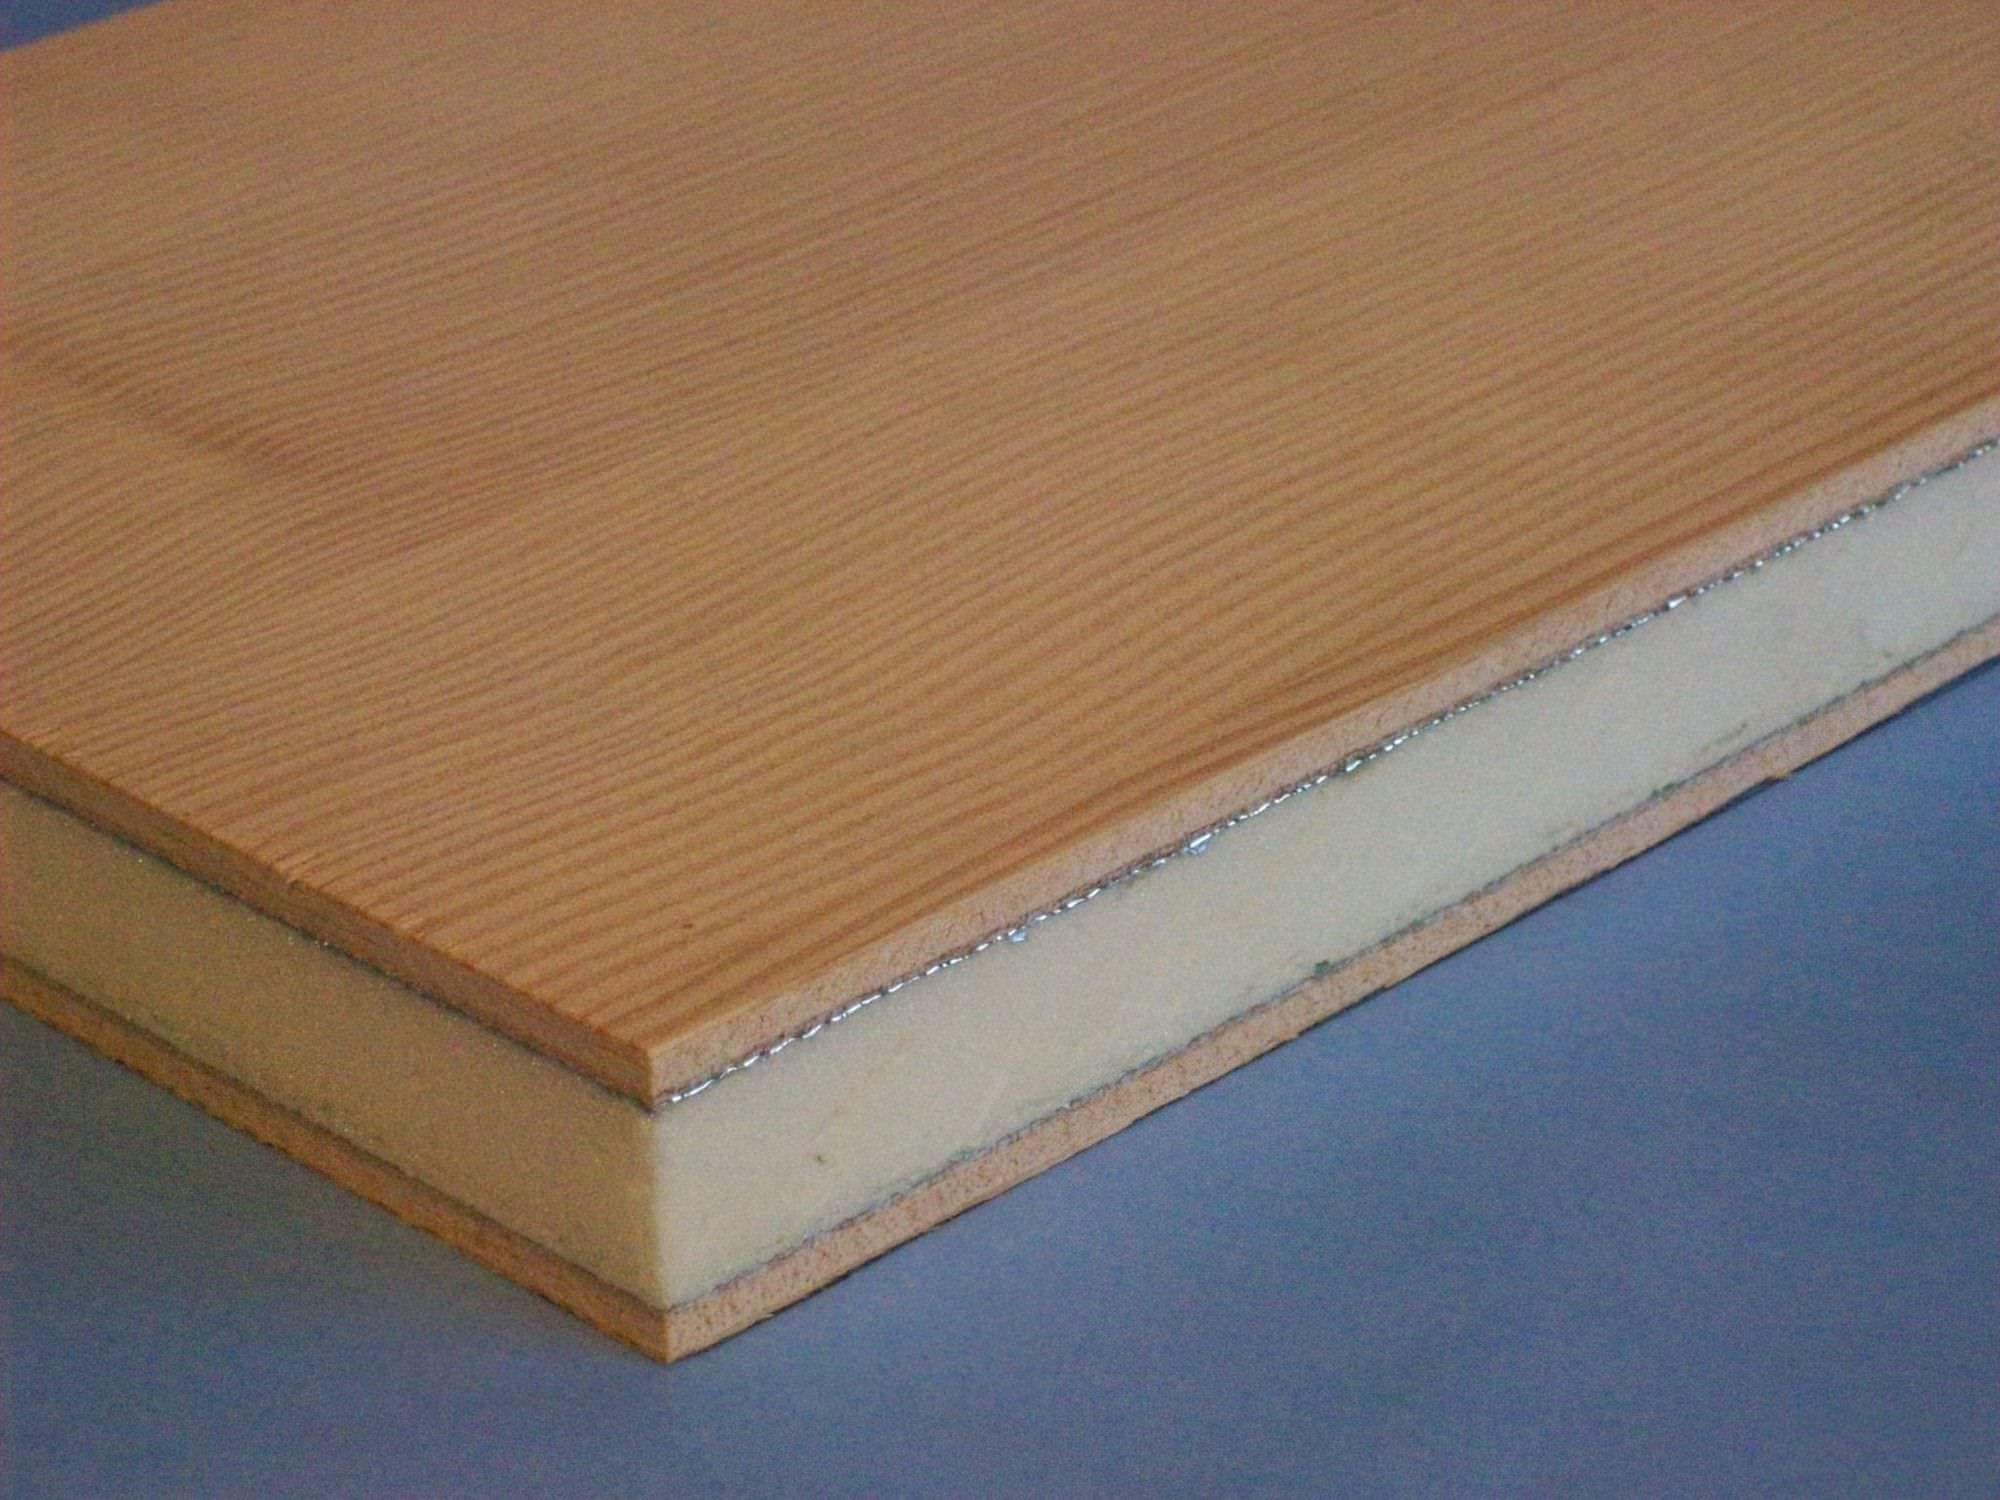 Pannello sandwich per isolamento termico / in schiuma / in legno ...